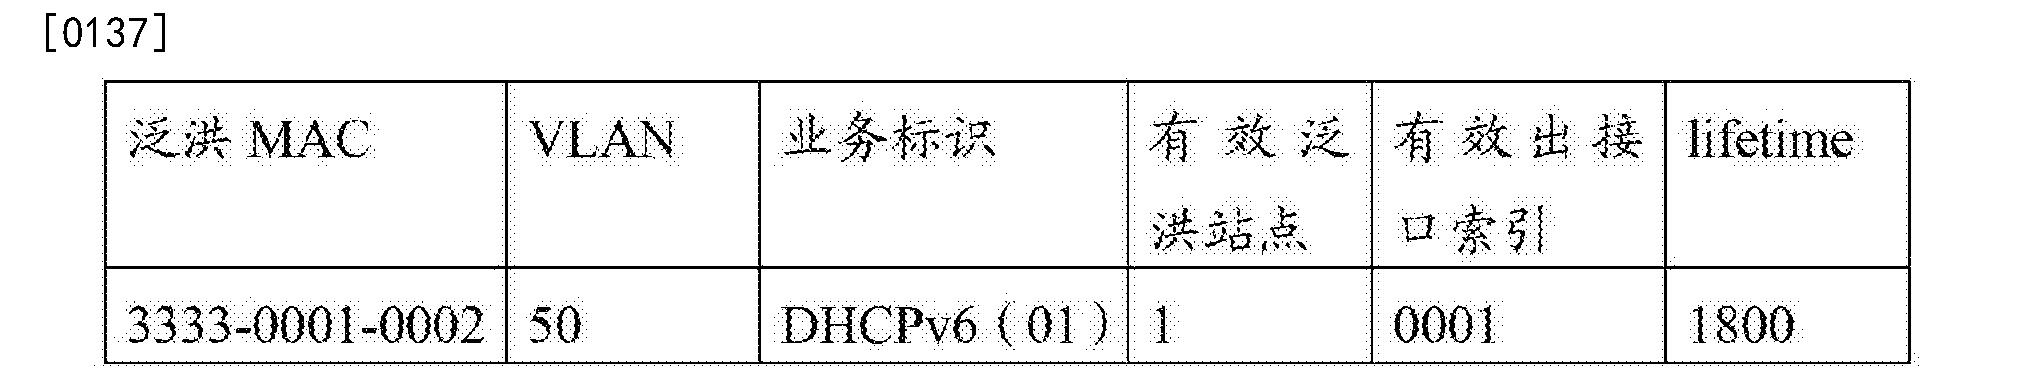 Figure CN103414634BD00152